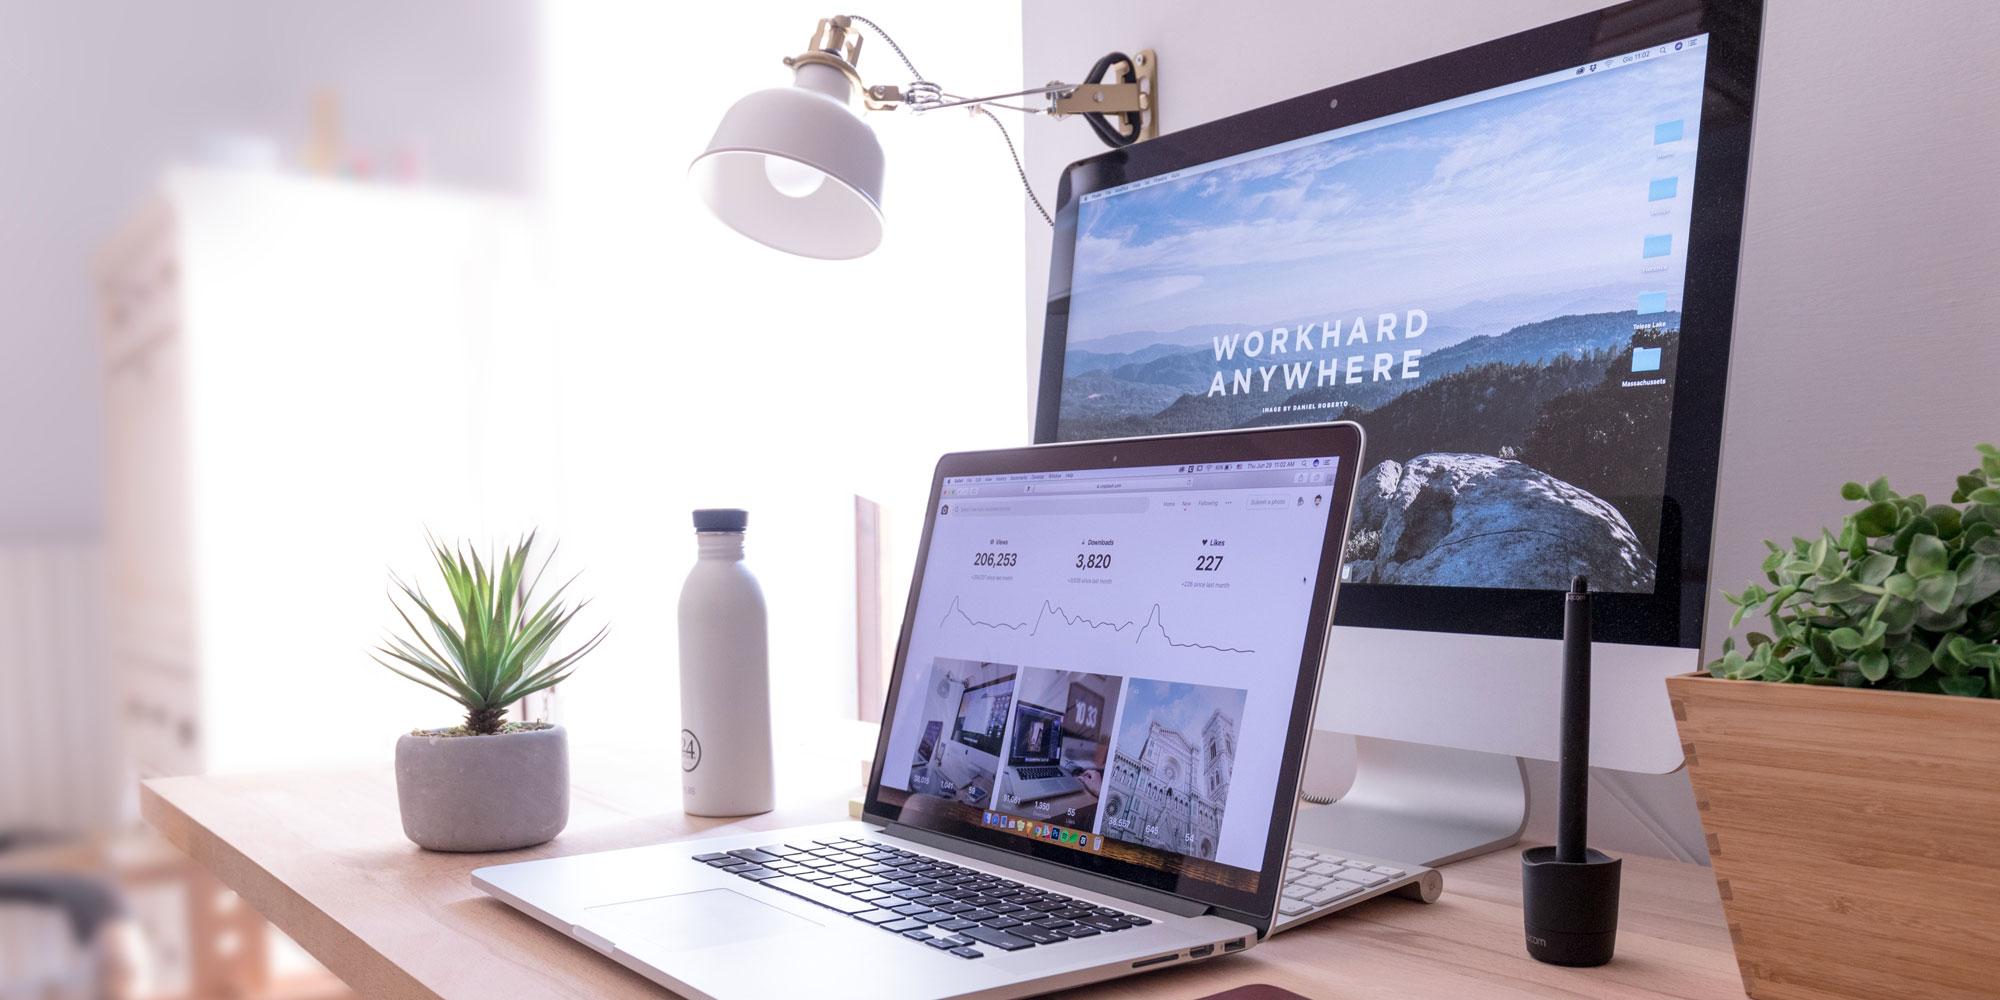 Marketplace Mogul Build a Good Website Advice